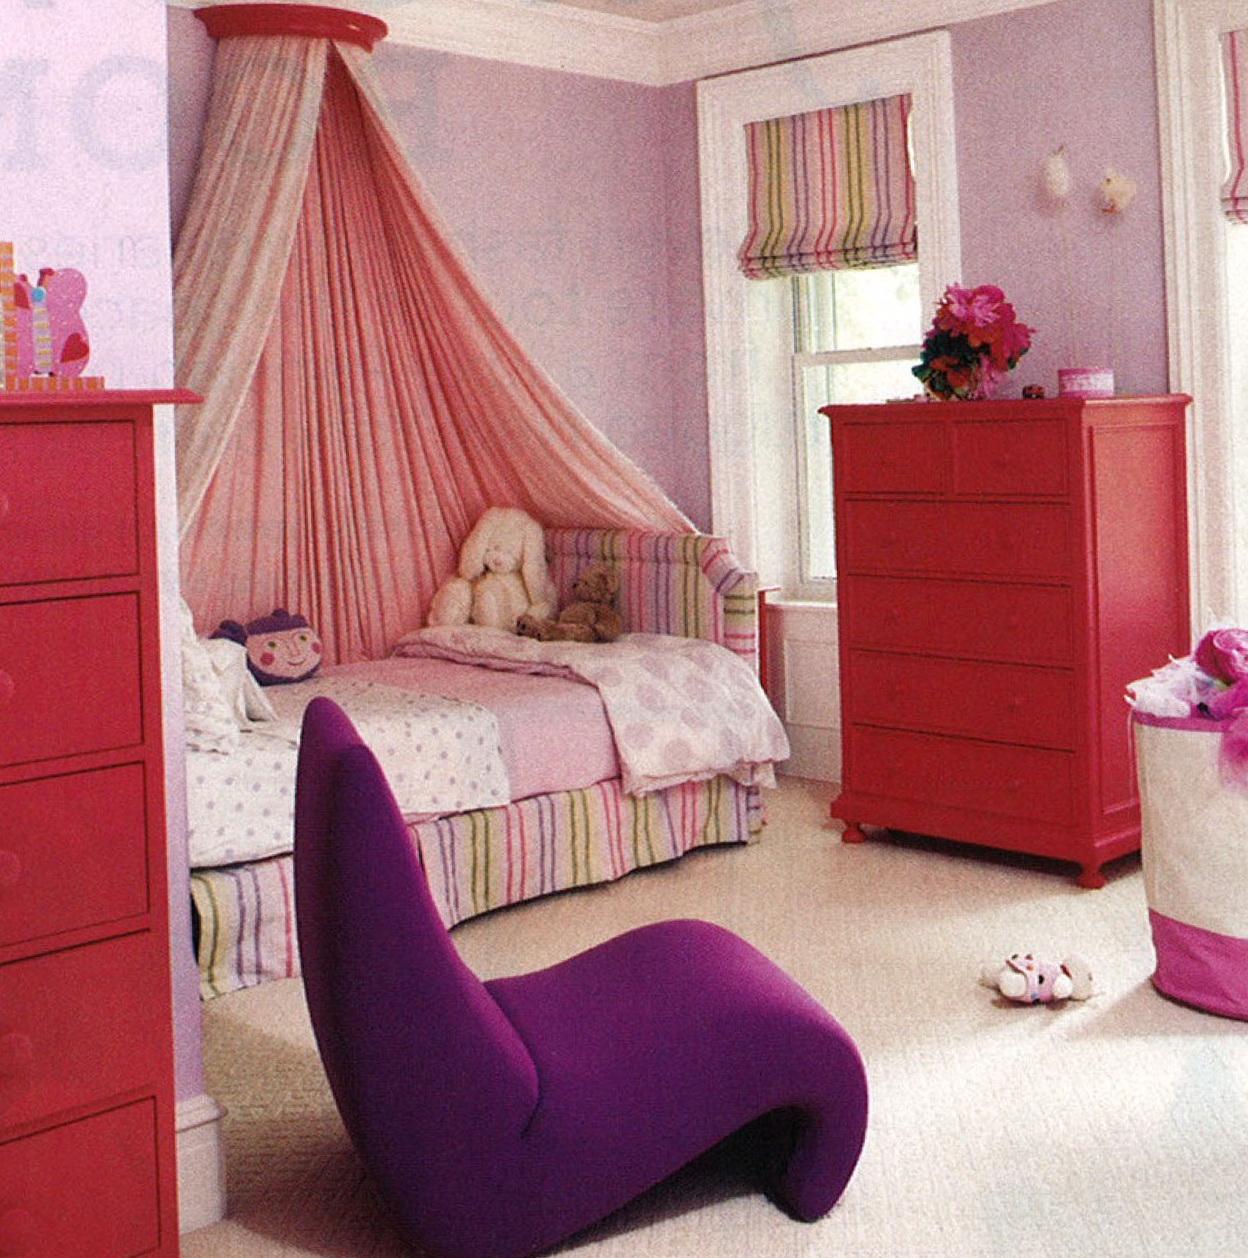 Curtains Around Bunk Bed